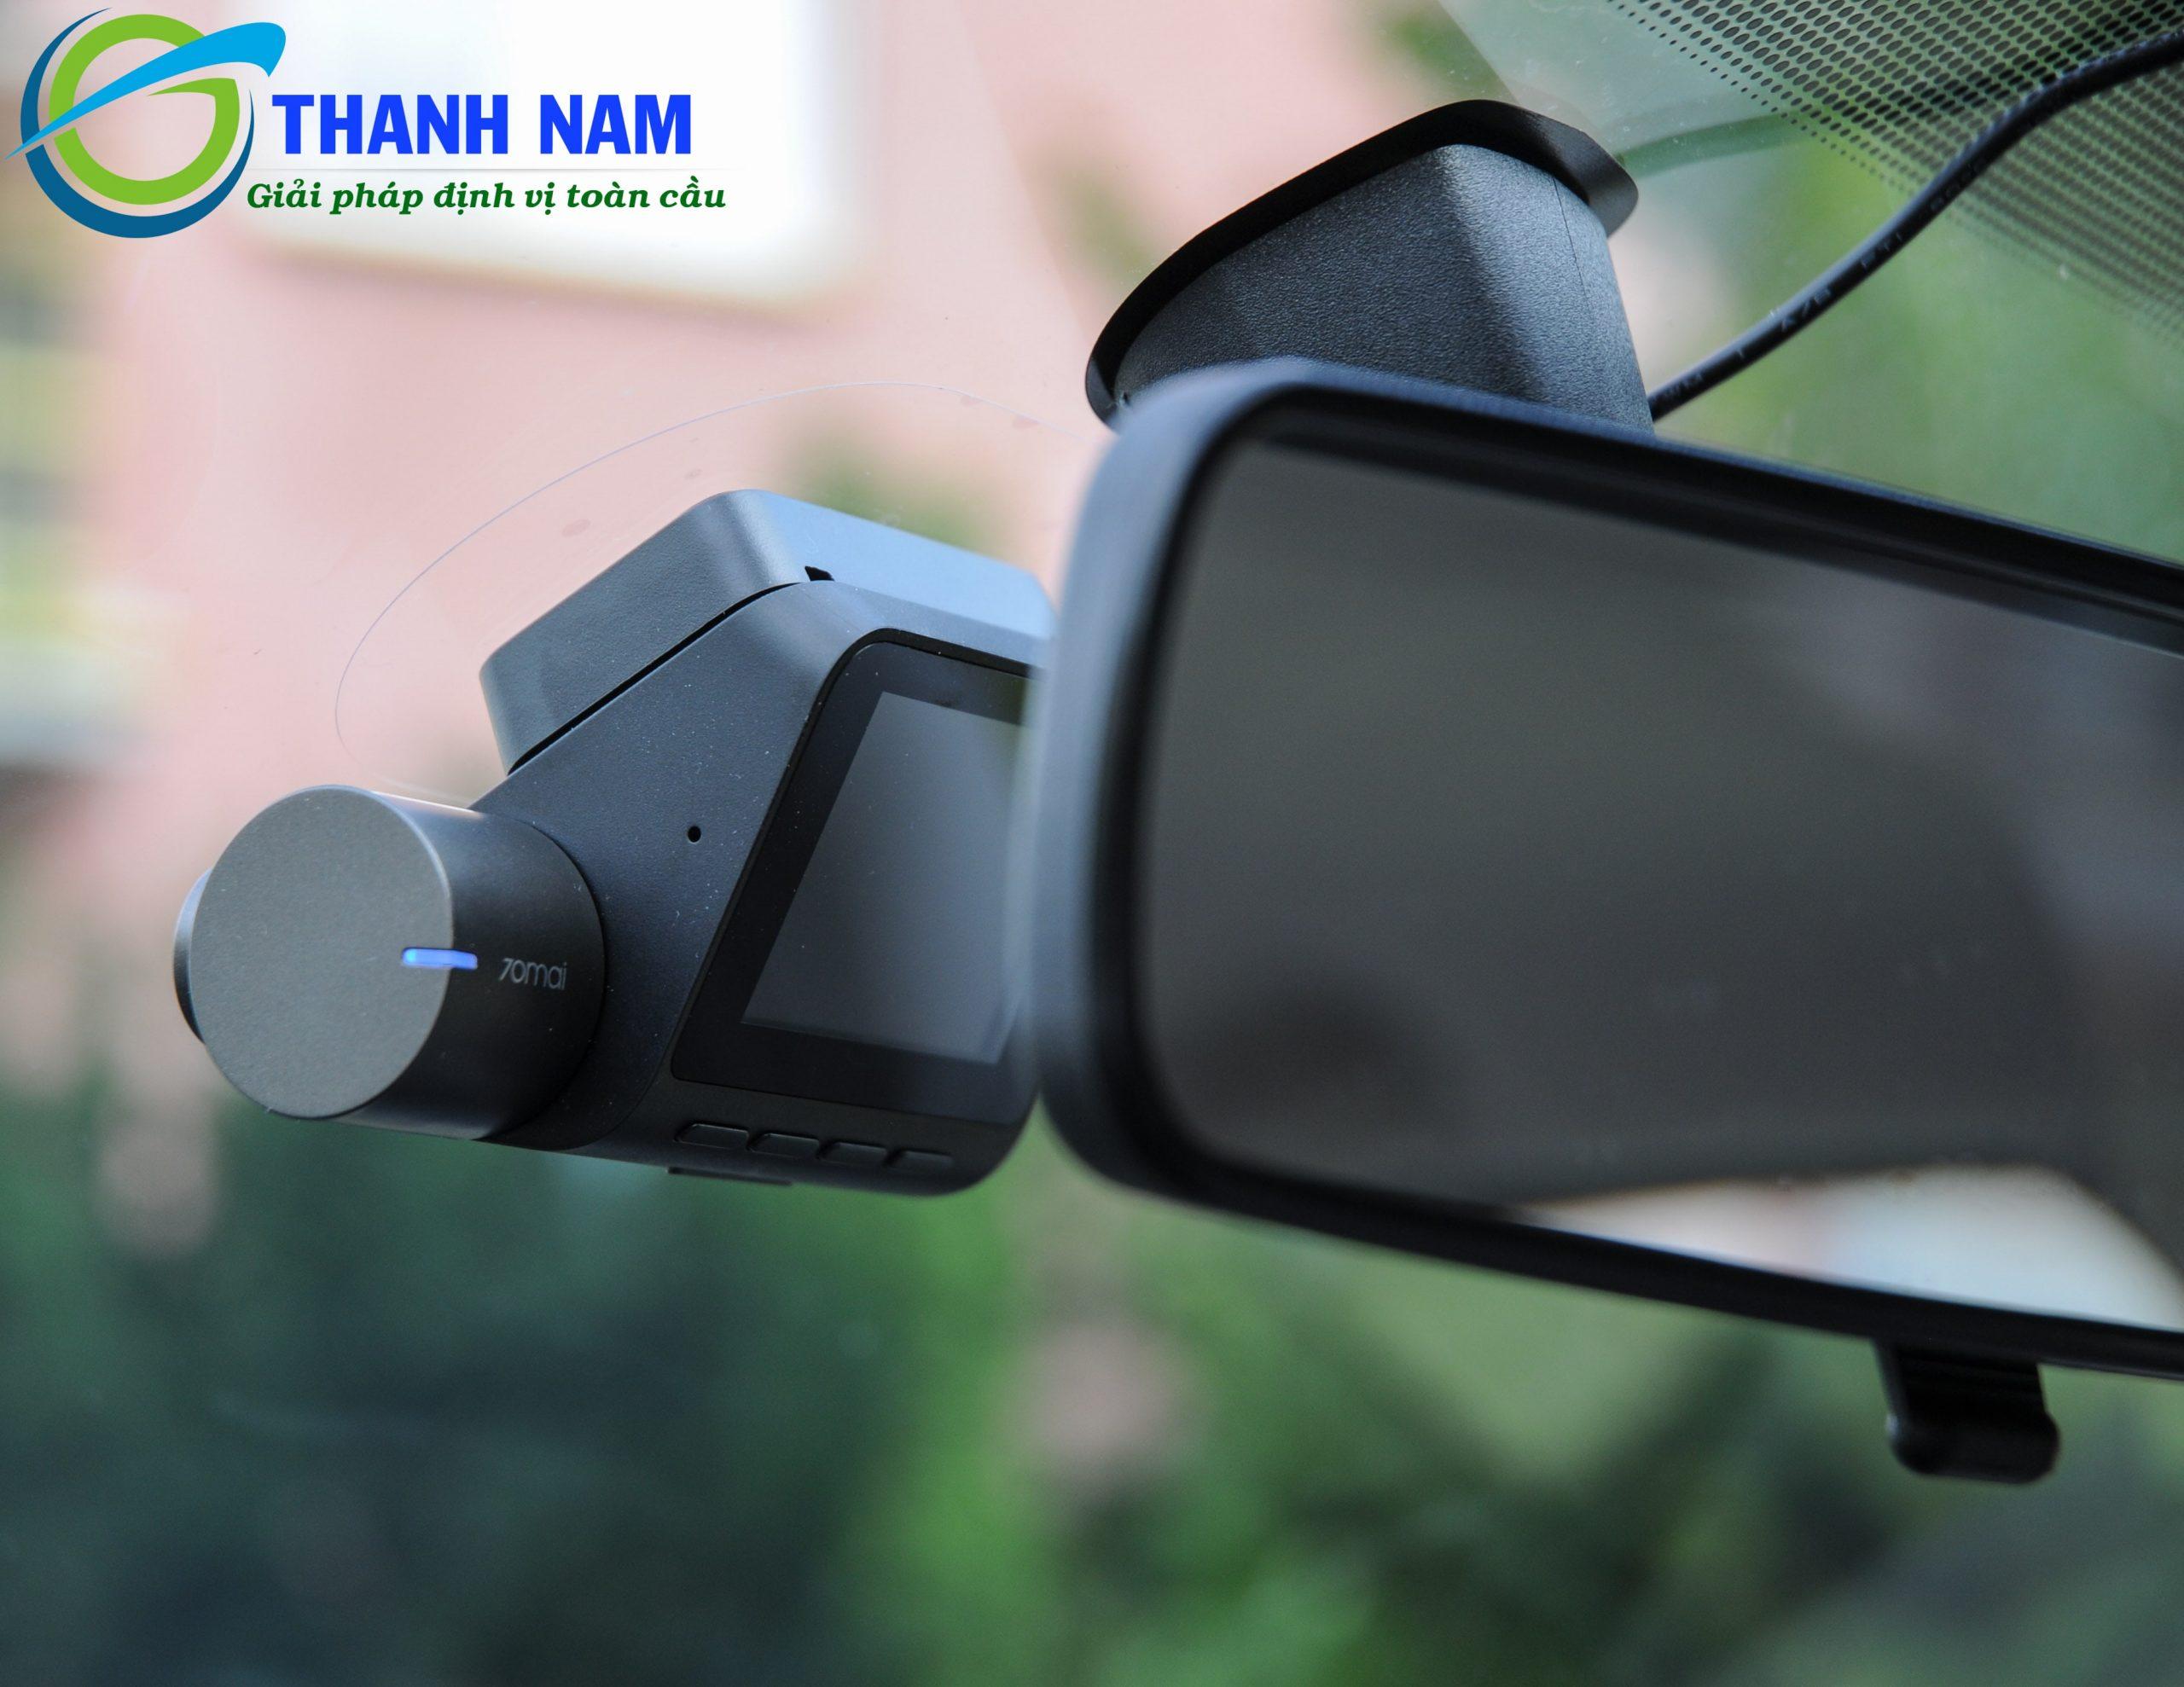 lắp camera hành trình xiaomi 70mai pro tại thành nam gps